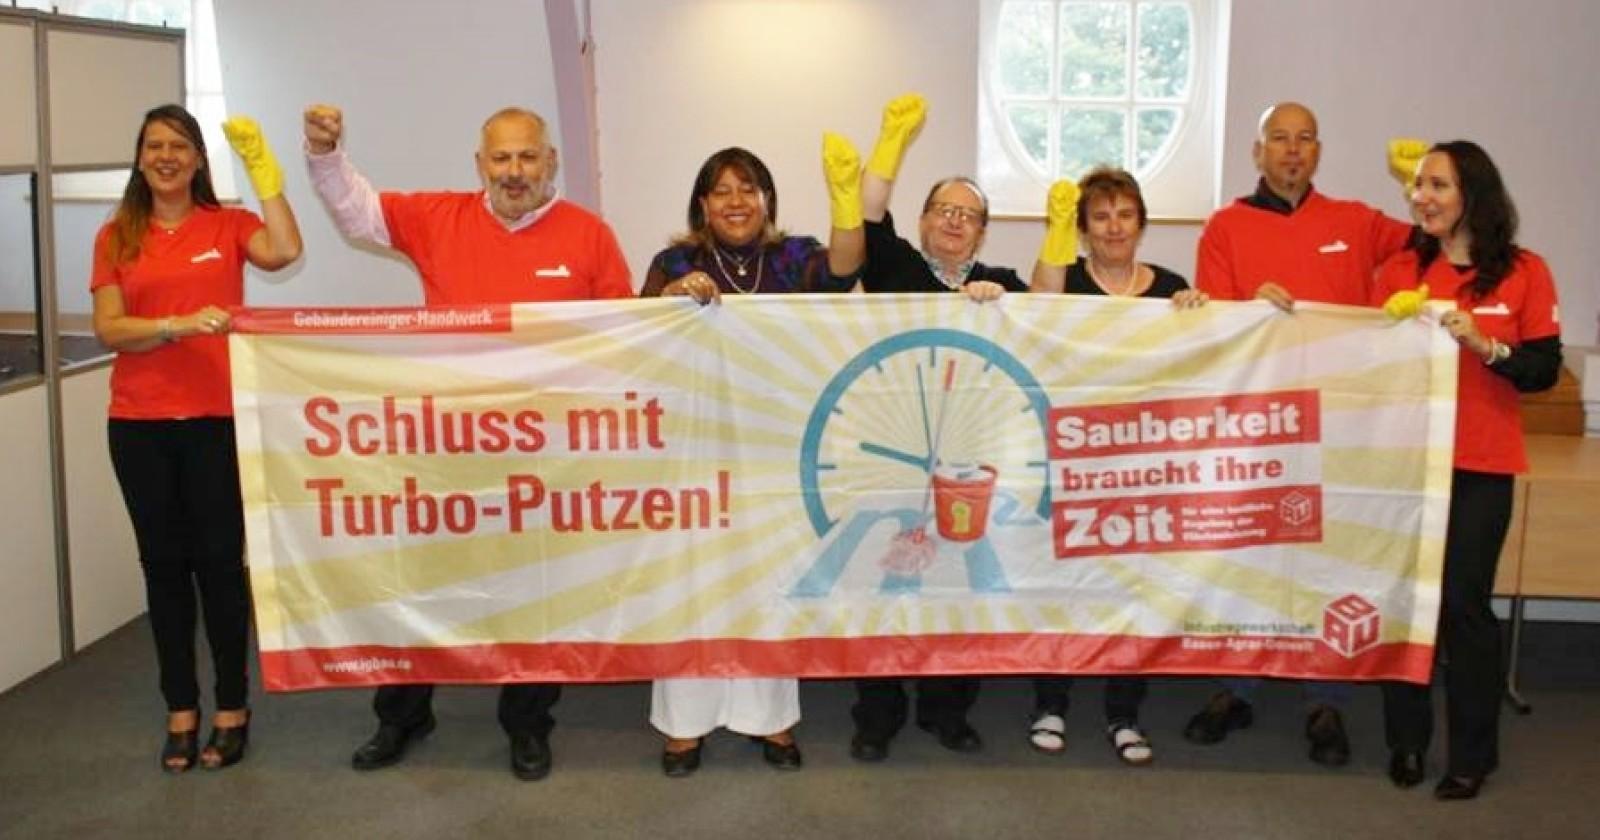 Solidarität kennt keine Grenzen -  Für die 3. Tarifverhandlung in Berlin maximalen Tariferfolg!